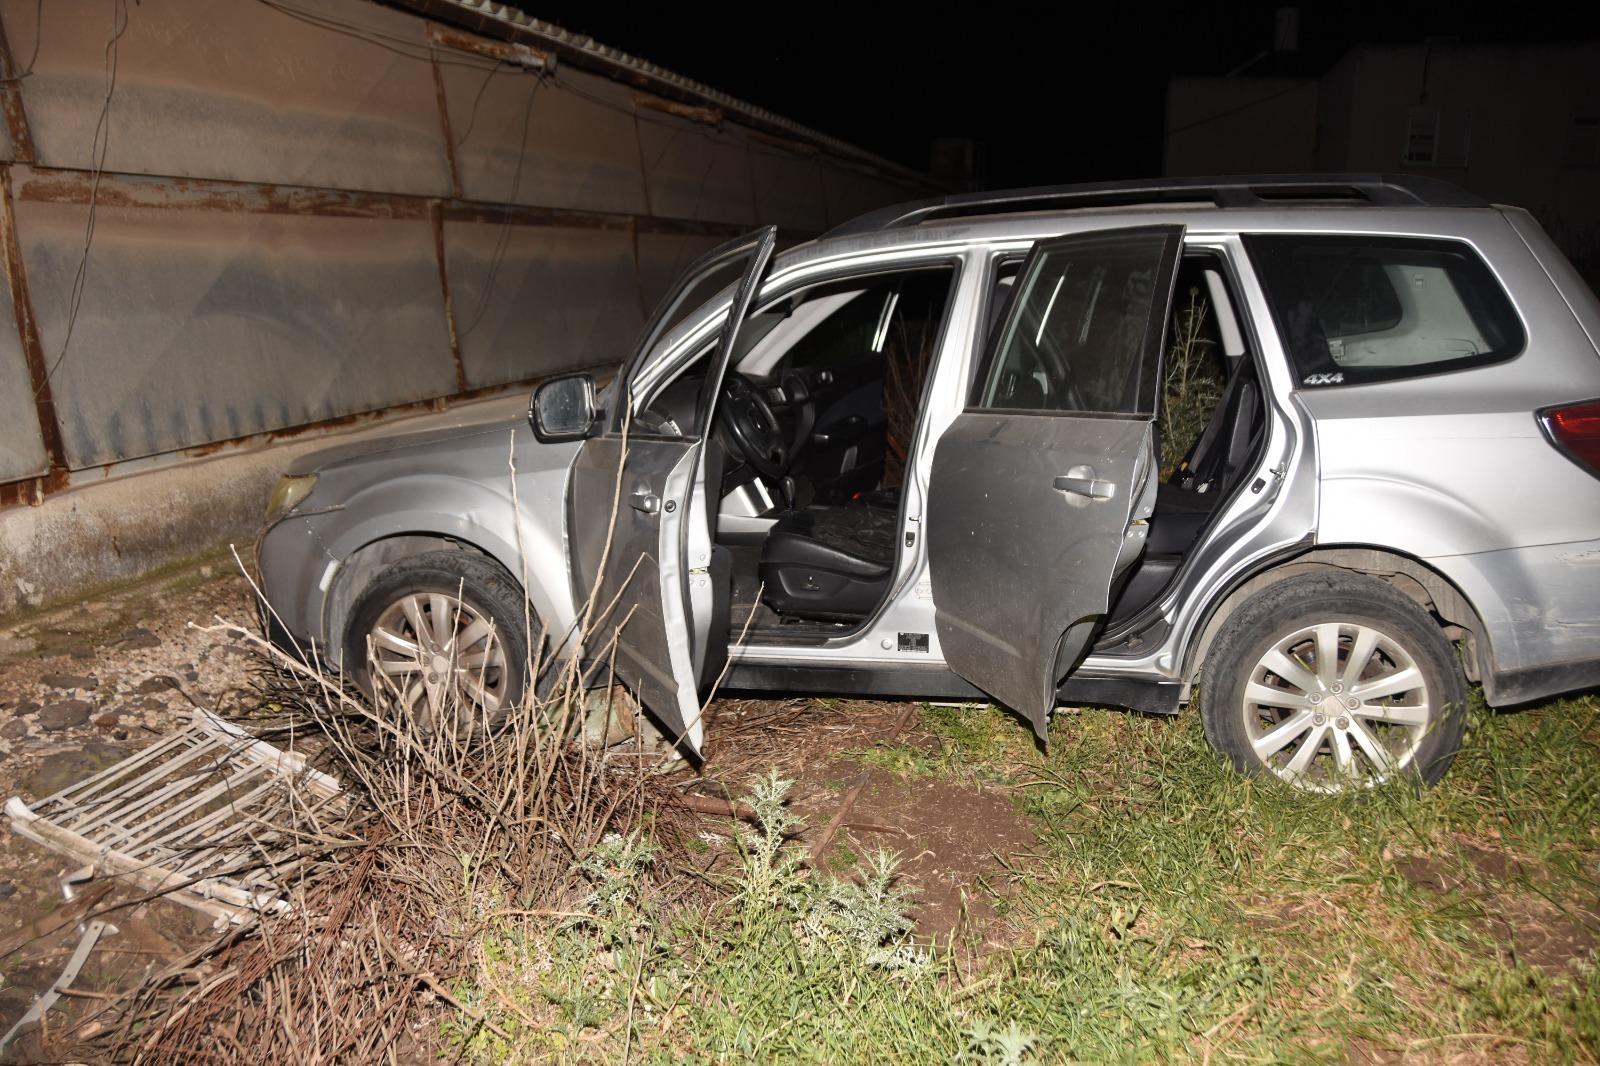 תושב טובא זנגריה נעצר לאחר שגנב שני כלי רכב ממוסך בחצור הגלילית